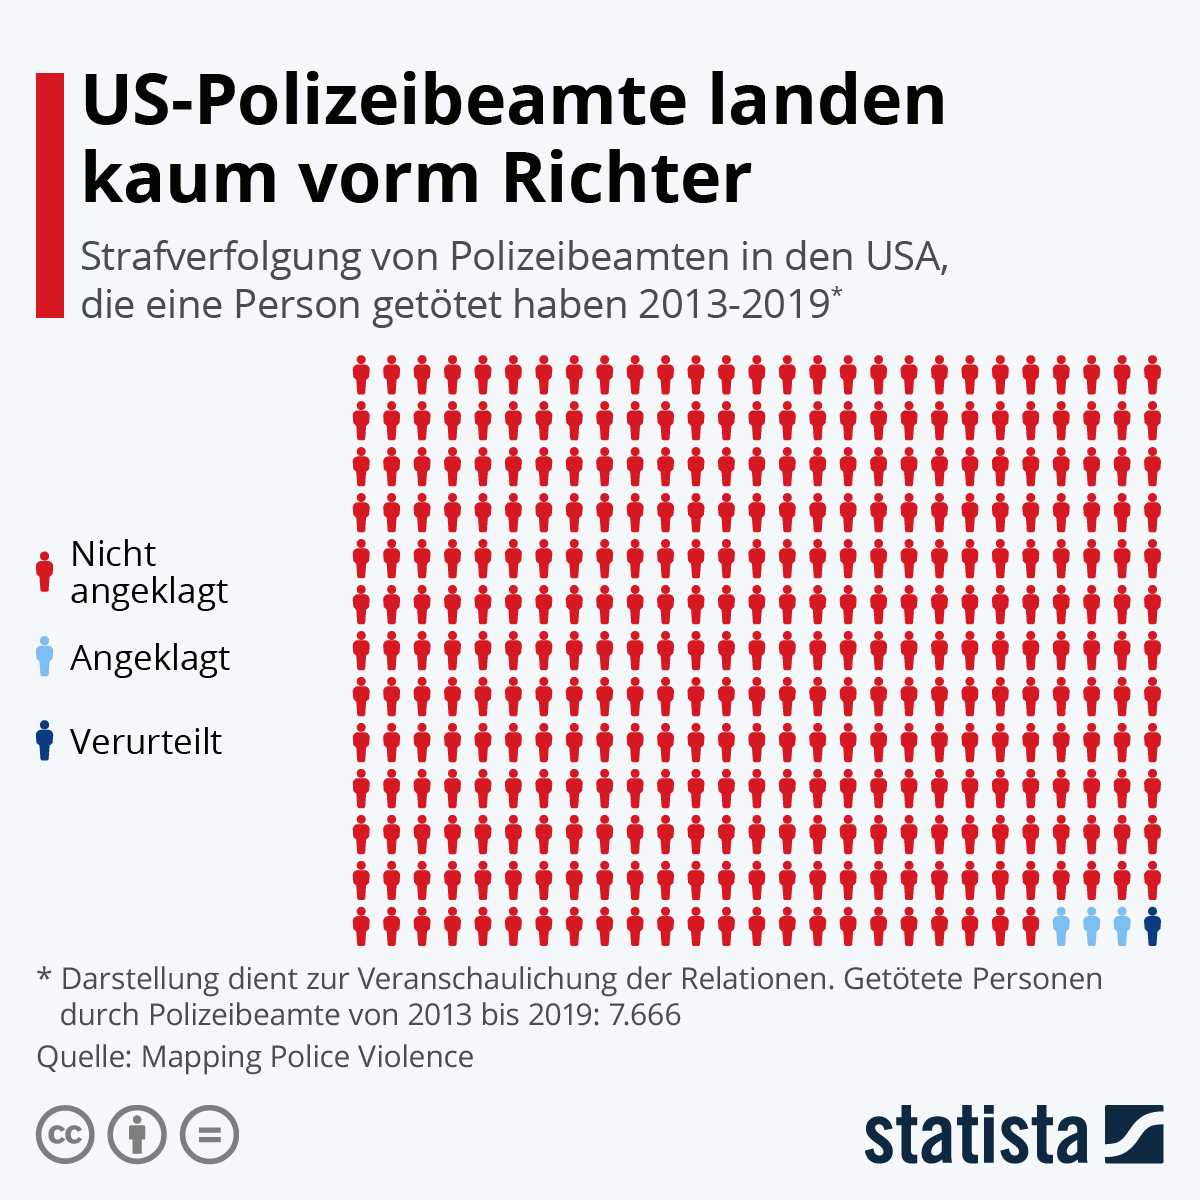 Infografik: US-Polizeibeamte landen kaum vorm Richter | Statista